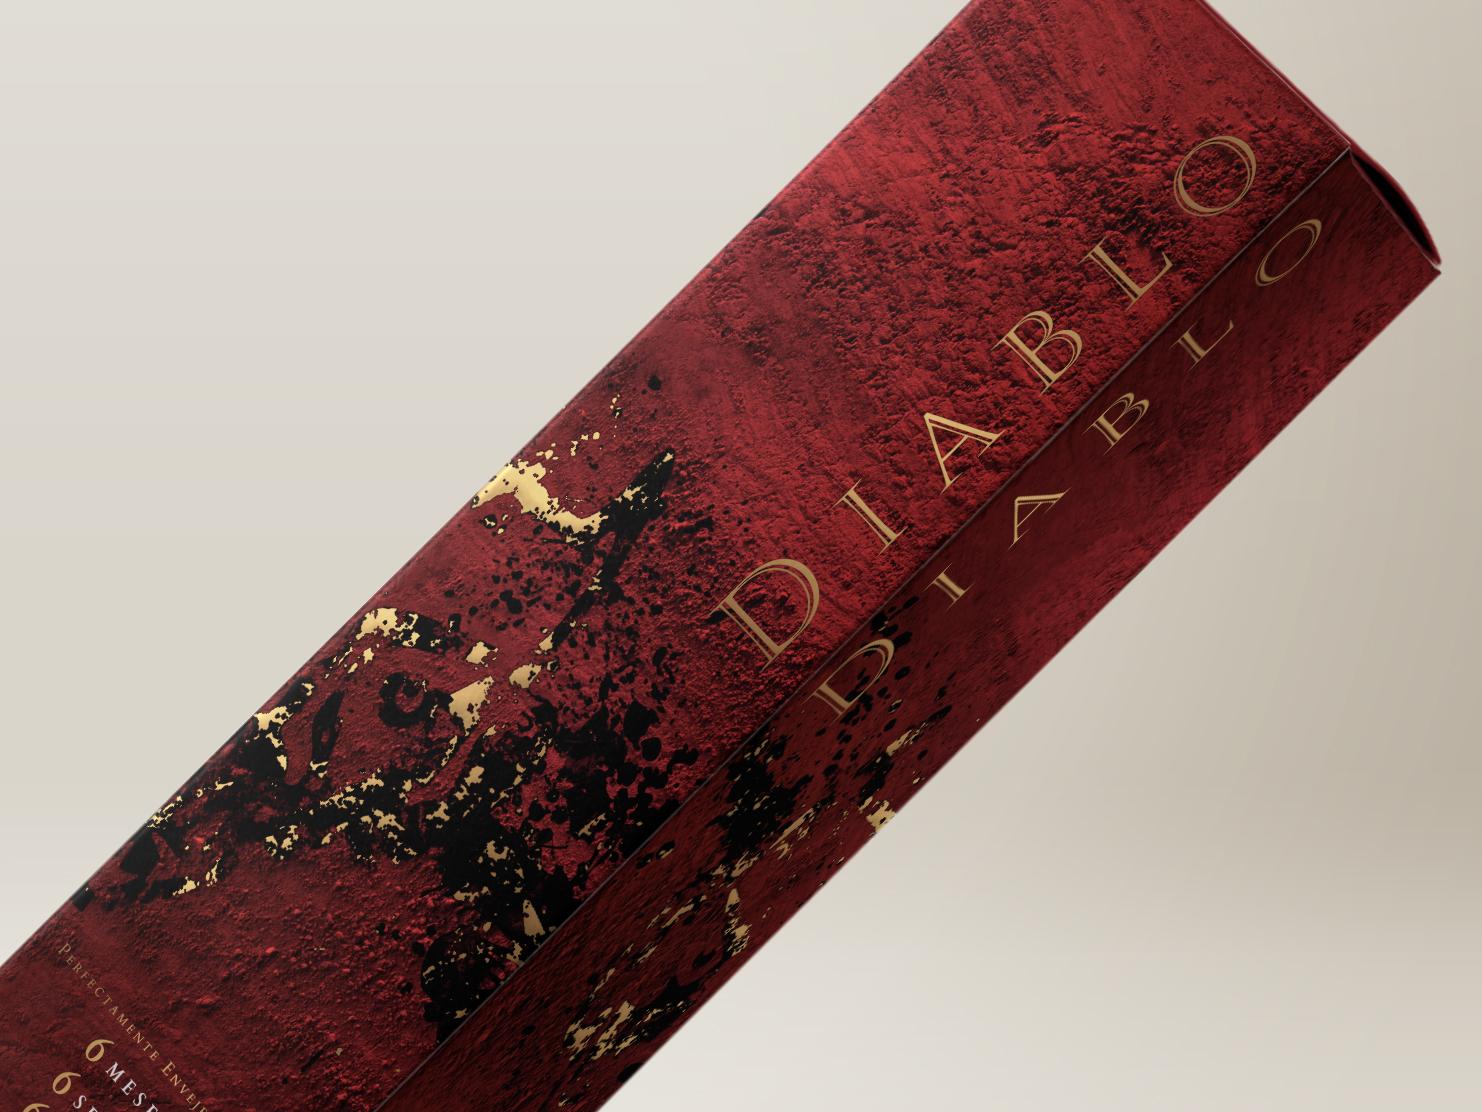 GB-Diablo-1468x1112_2